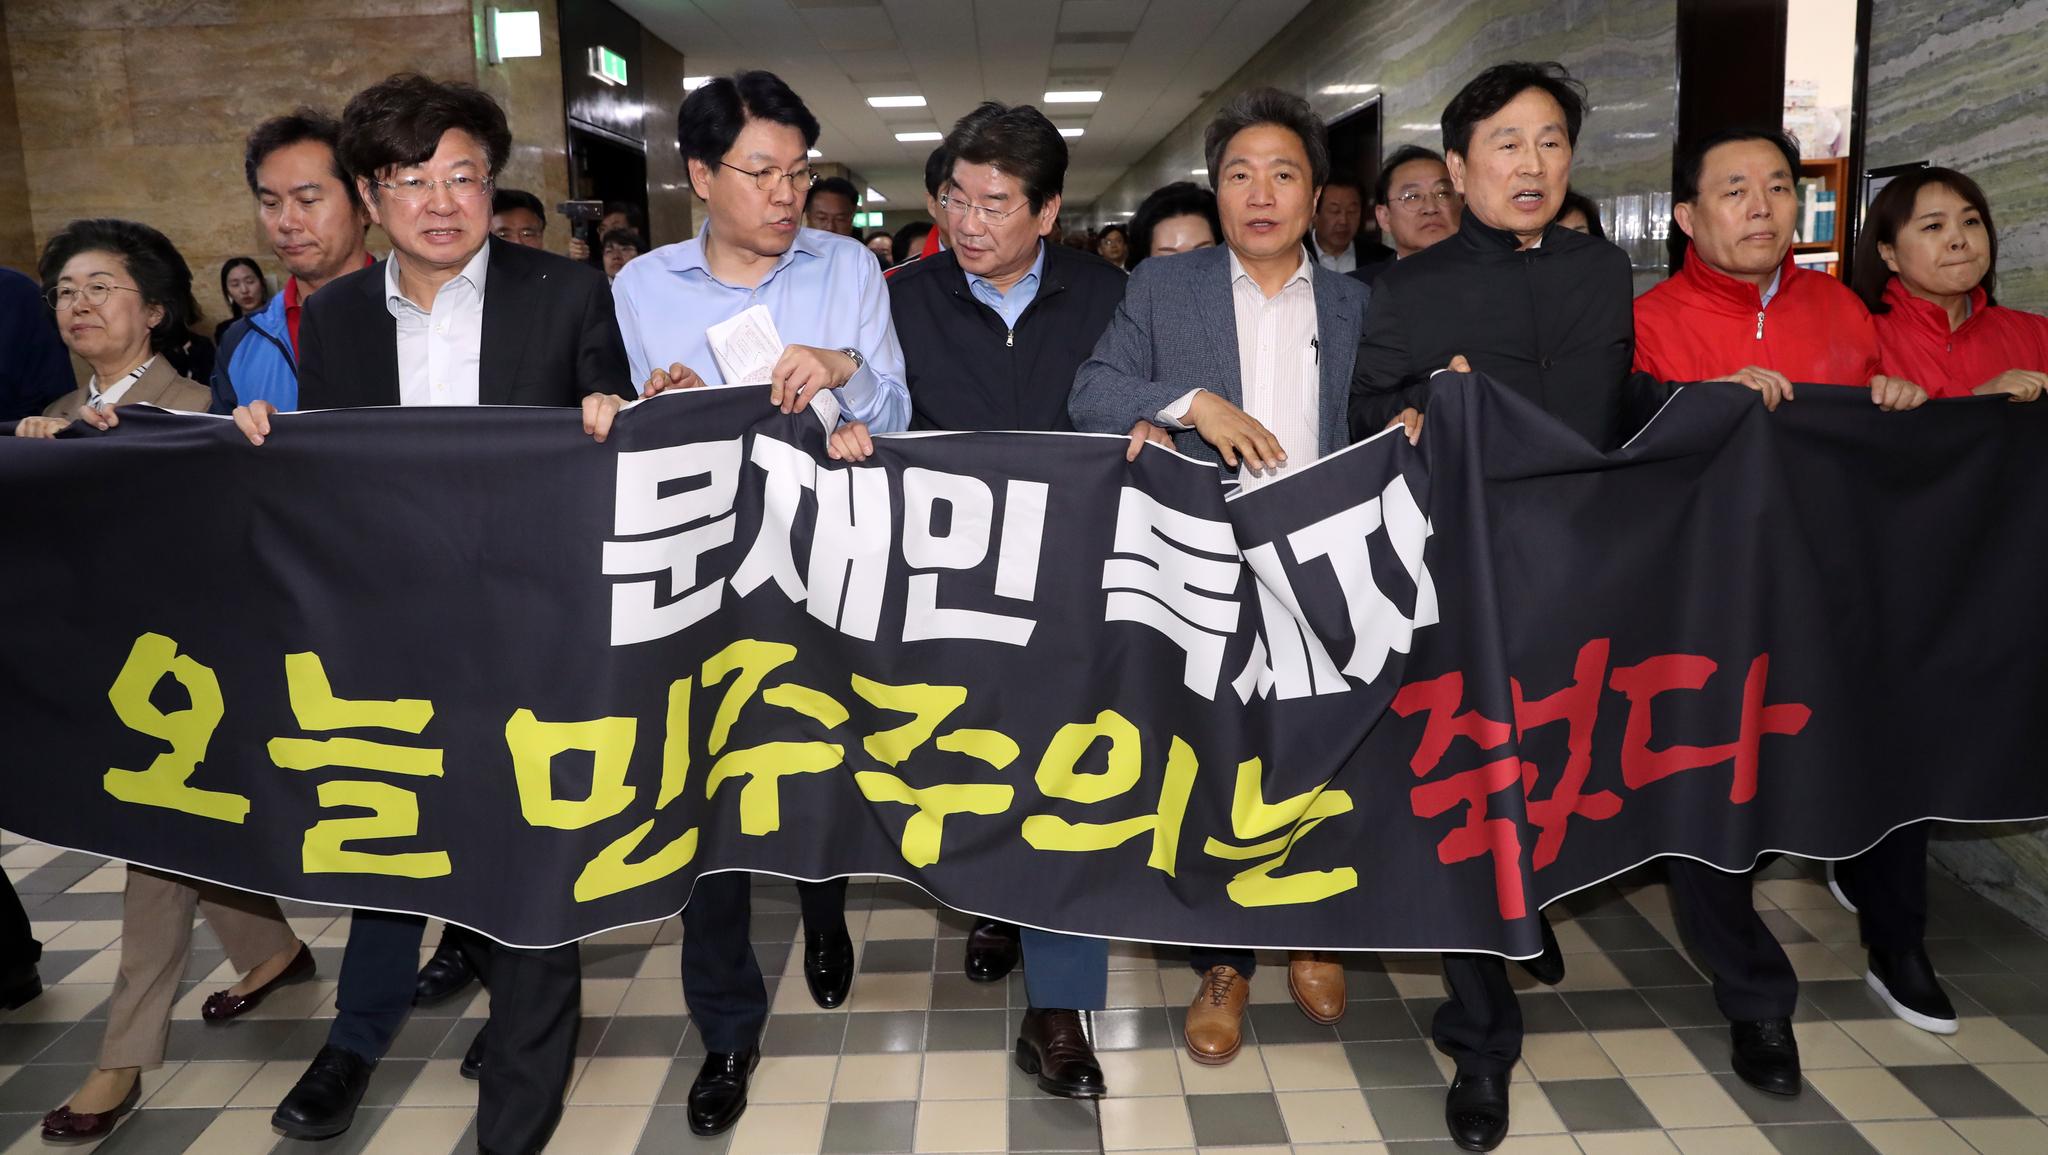 자유한국당 의원들이 '오늘 민주주의는 죽었다'라고 적힌 현수막을 들고 29일 오후 국회 정치개혁특위가 열리는 정무위 회의장으로 달려가고 있다. [연합뉴스]